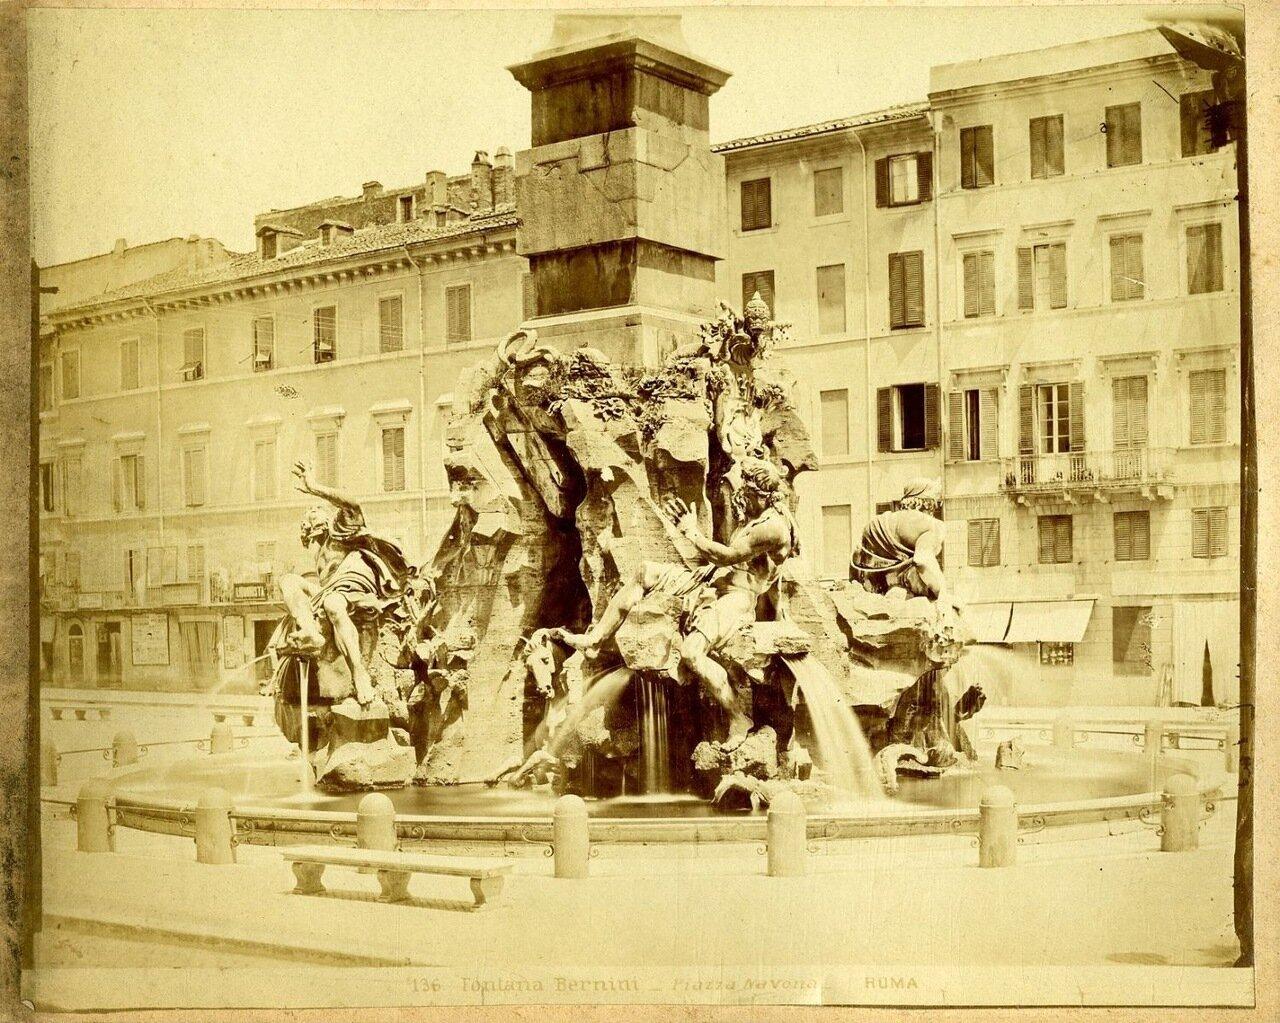 Фонтан Бернини. 1875